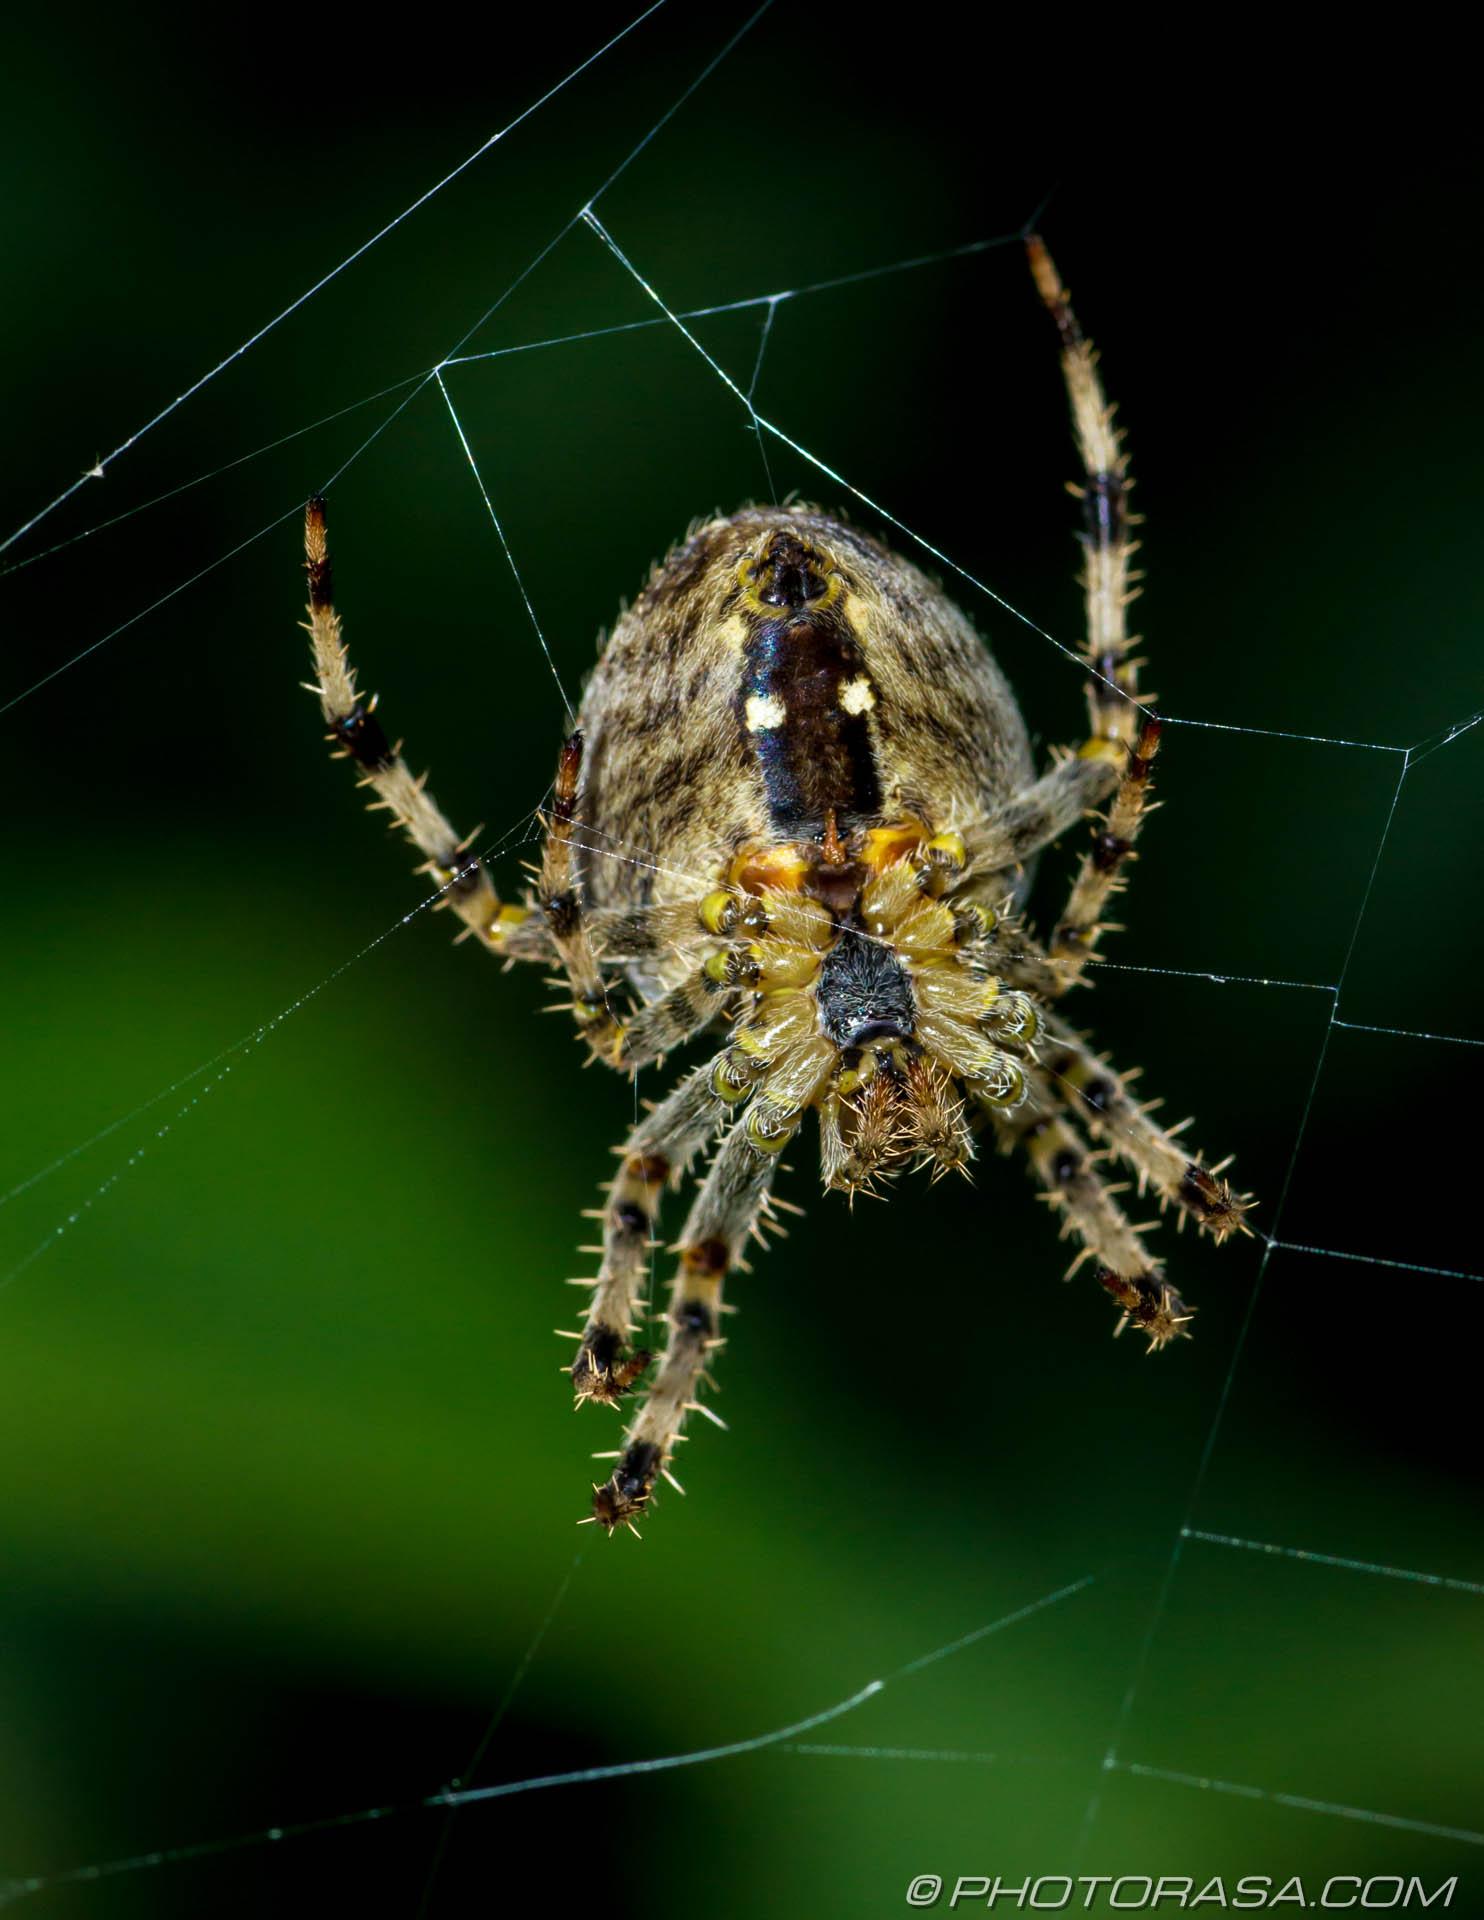 http://photorasa.com/garden-spiders/garden-spider-underside/